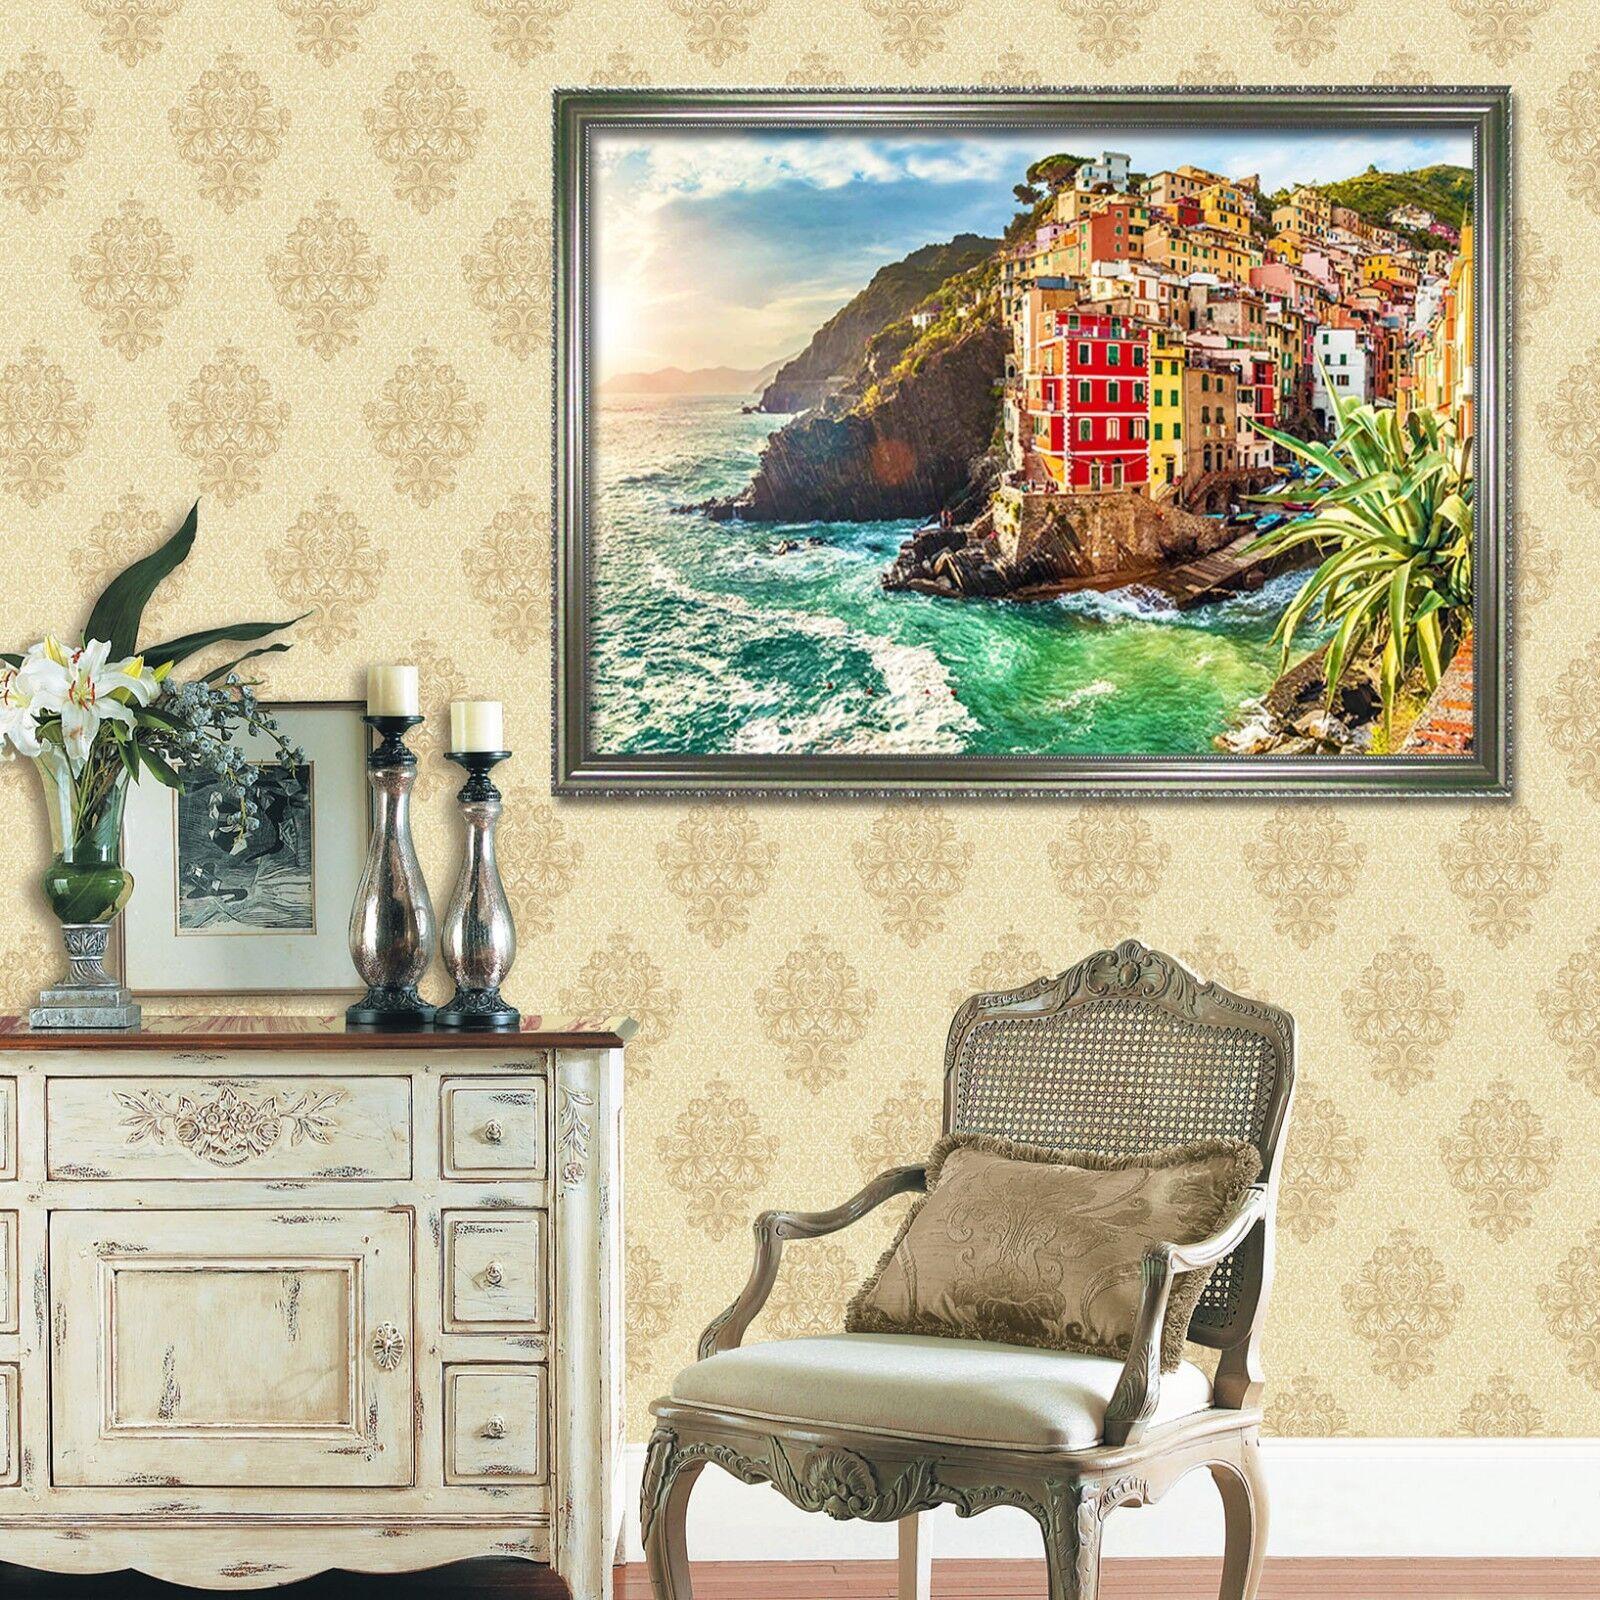 Casa de Color de 3D 63 Póster Enmarcado Decoración del Hogar Pintura de Impresión Arte AJ Wallpaper